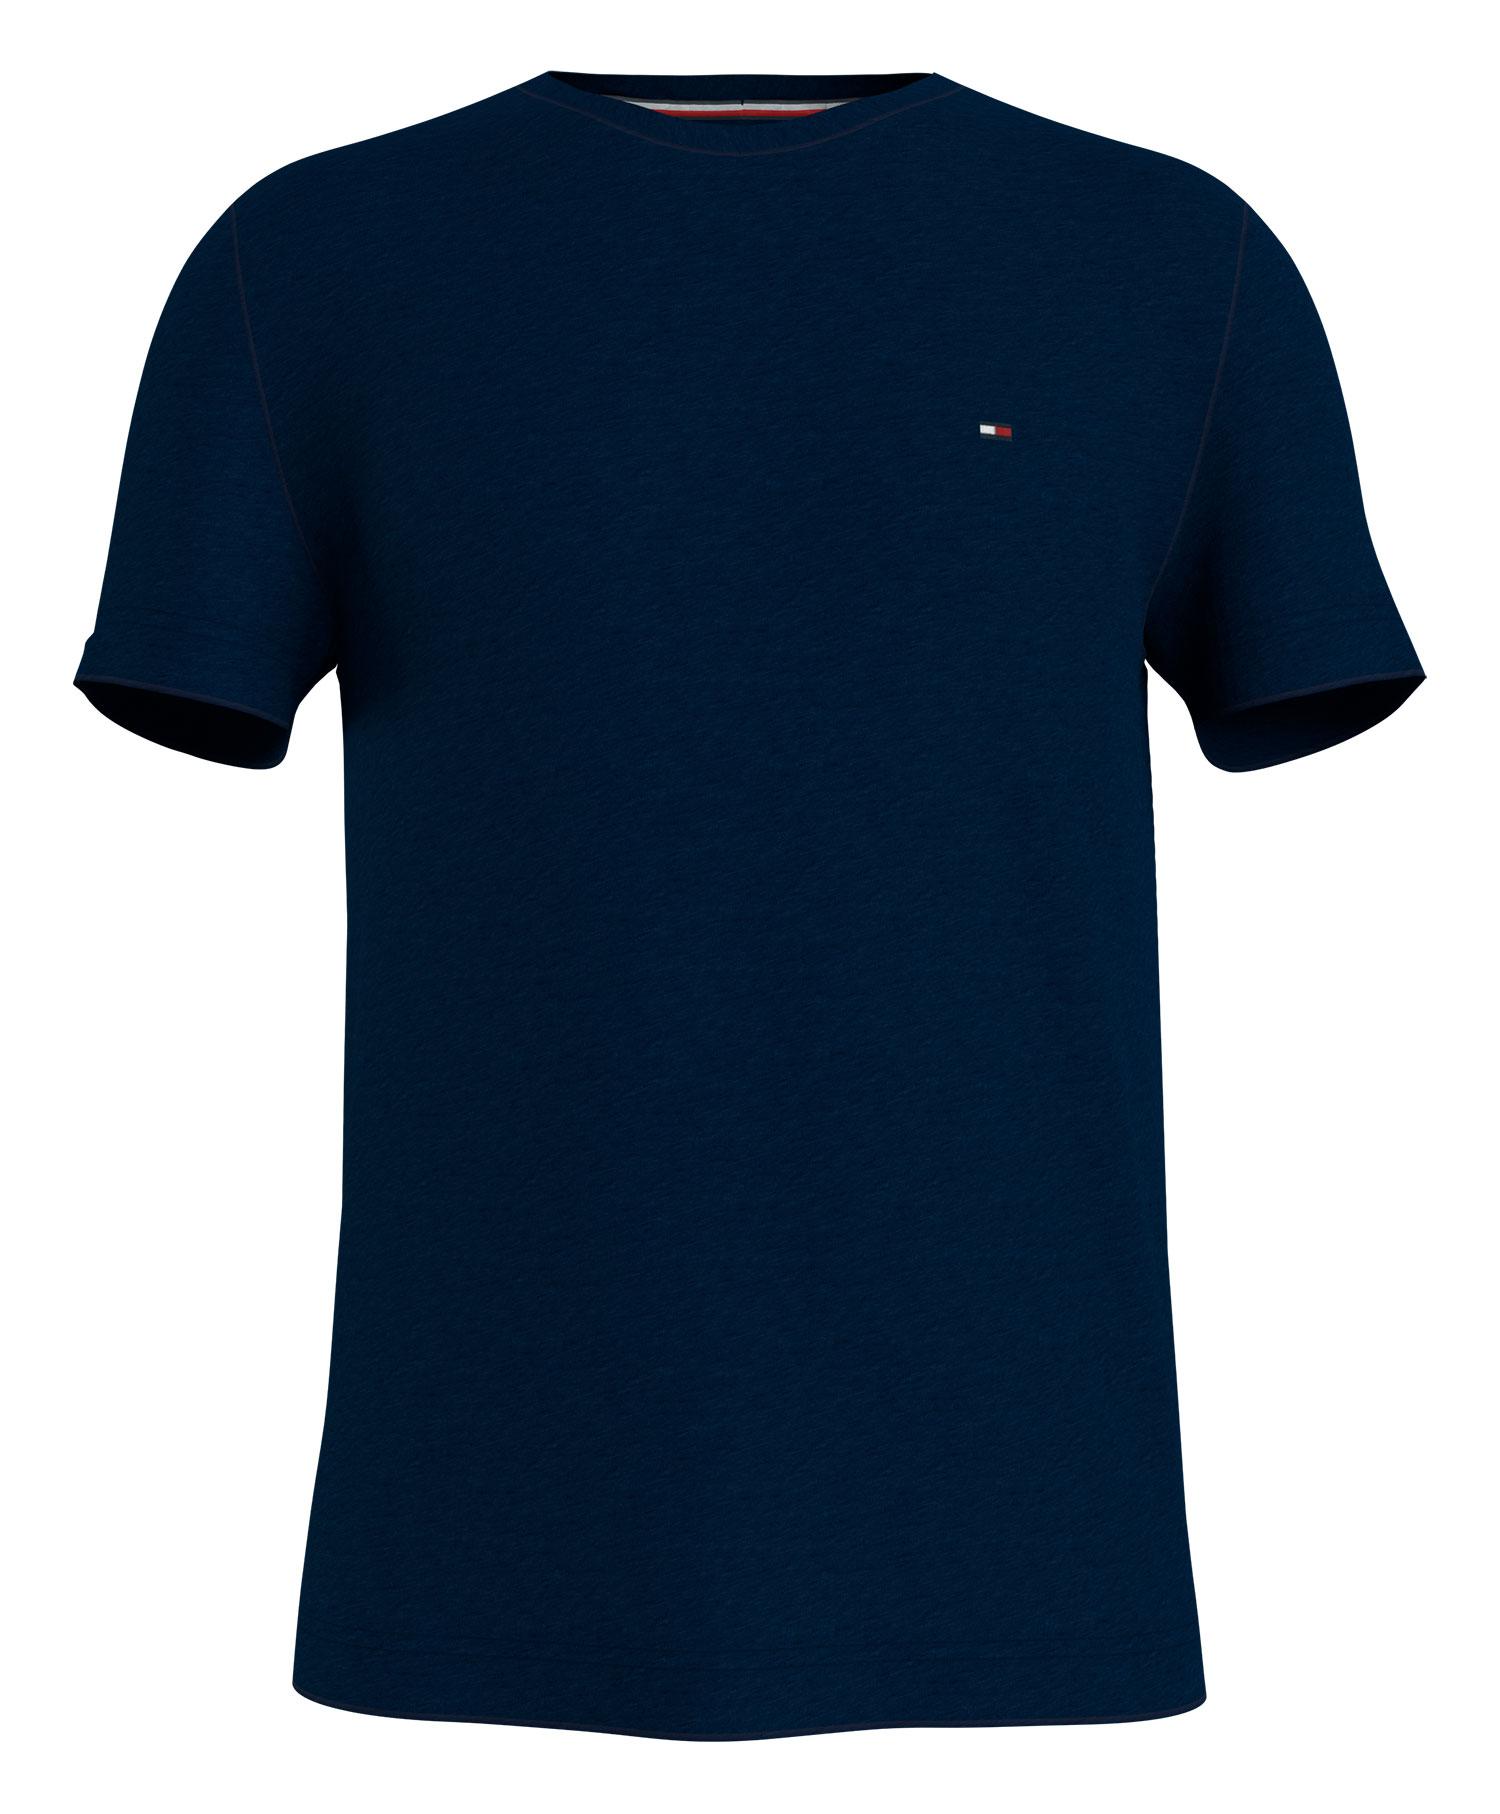 T.H Back Logo Tee